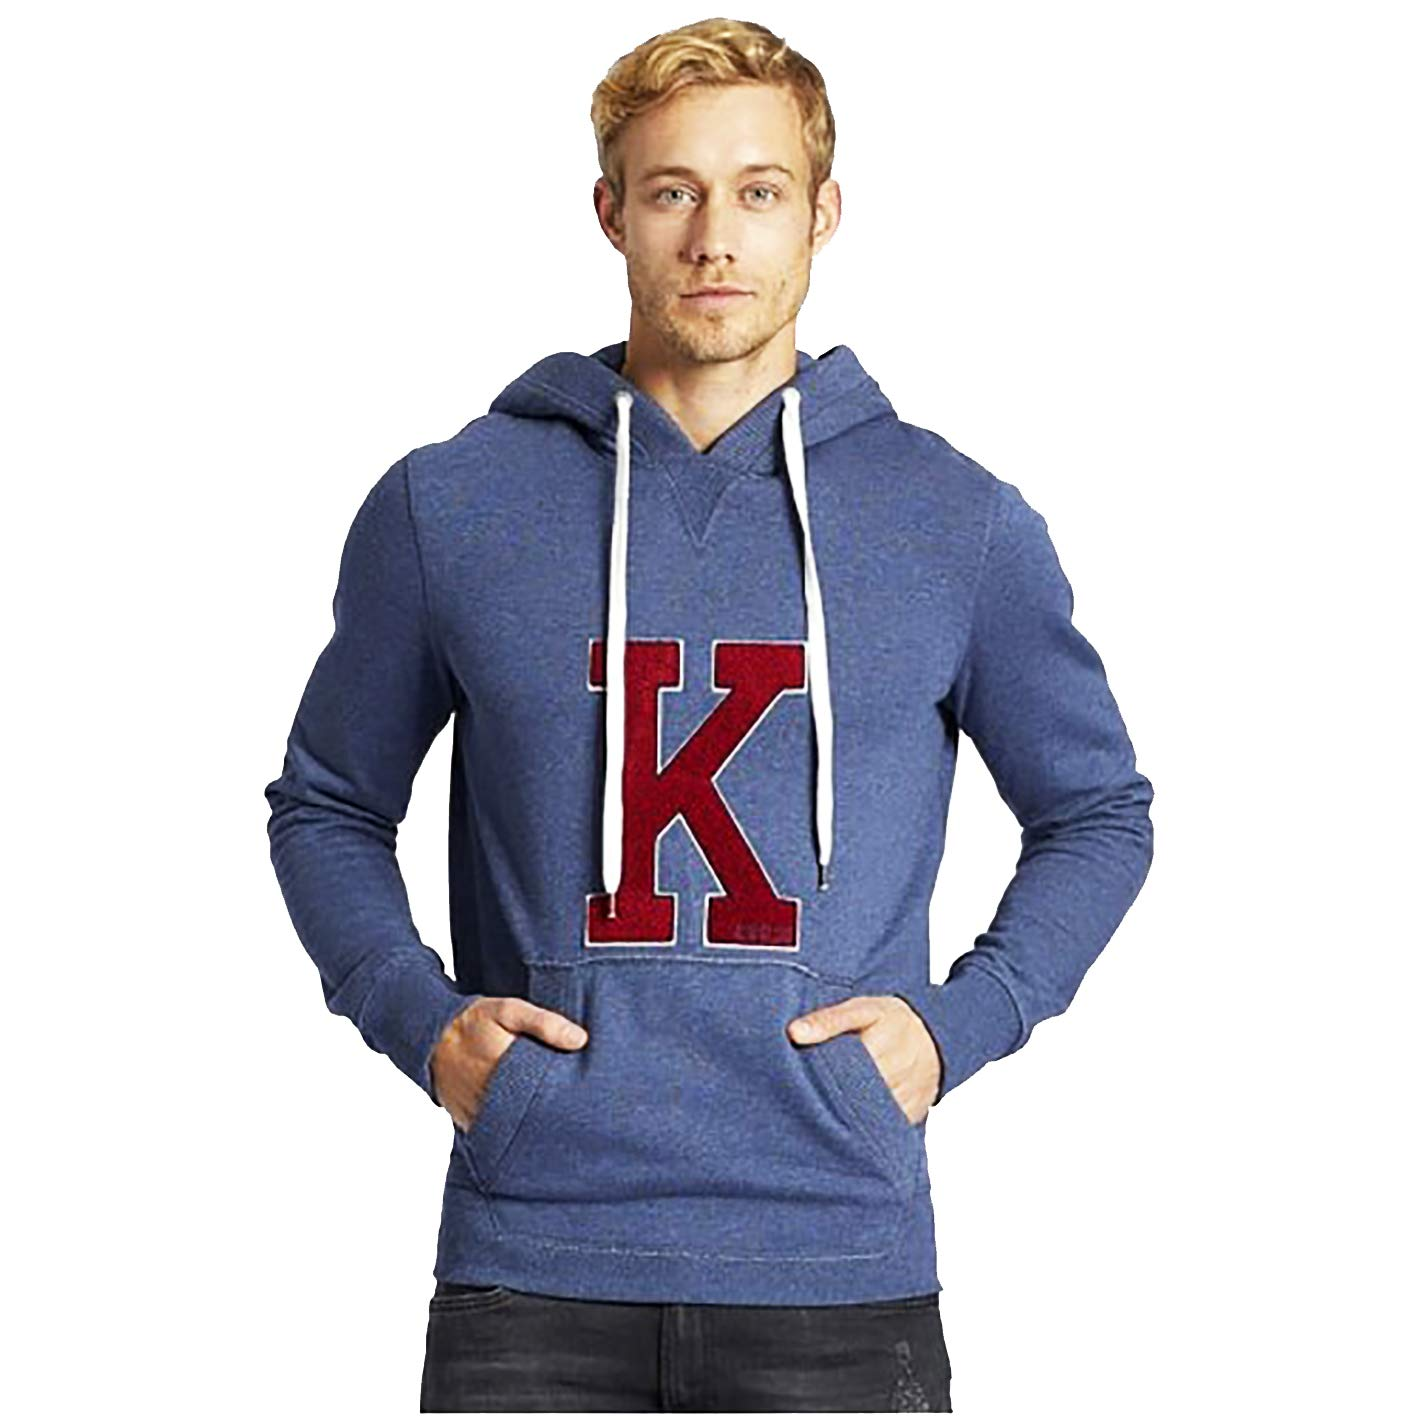 Khujo Wilford Herren Sweatshirt mit Kapuze Kapuzenpullover grau Grau Blau blau Pullover Sweater